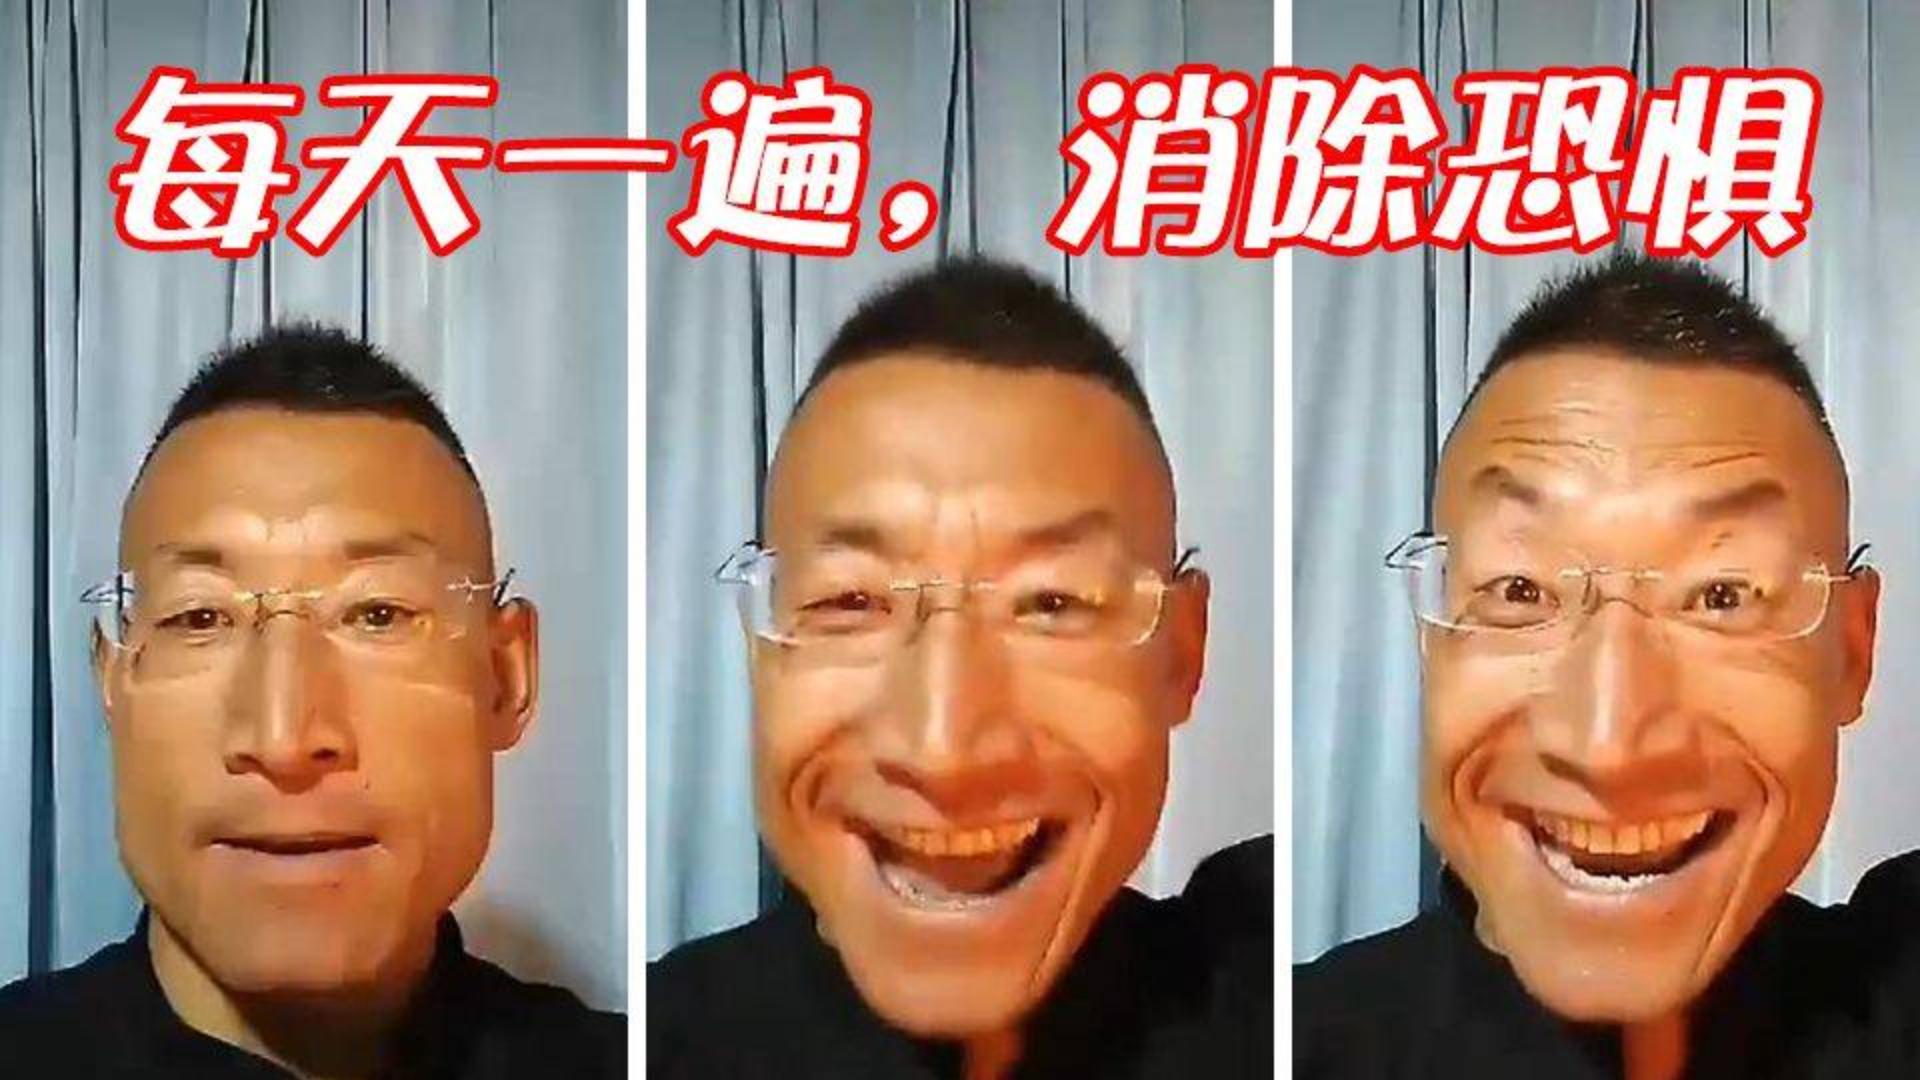 【正能量】bad 庚子  新年快乐(bad guy)